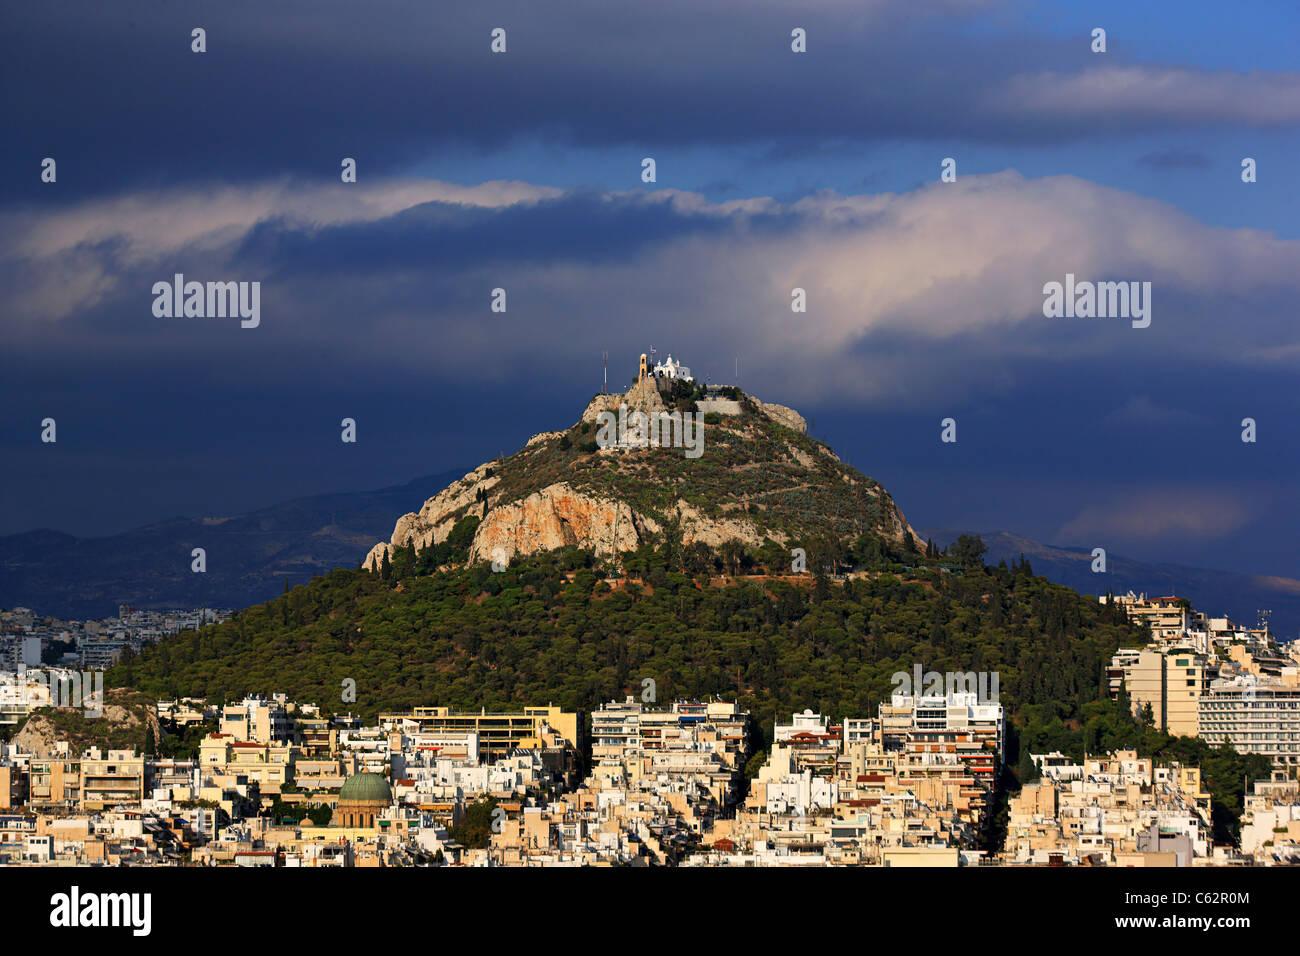 Lycabettus-Hügel, der höchste Berg von Athen und seine beste Sicht, mit der Kirche des Heiligen Georg Stockbild